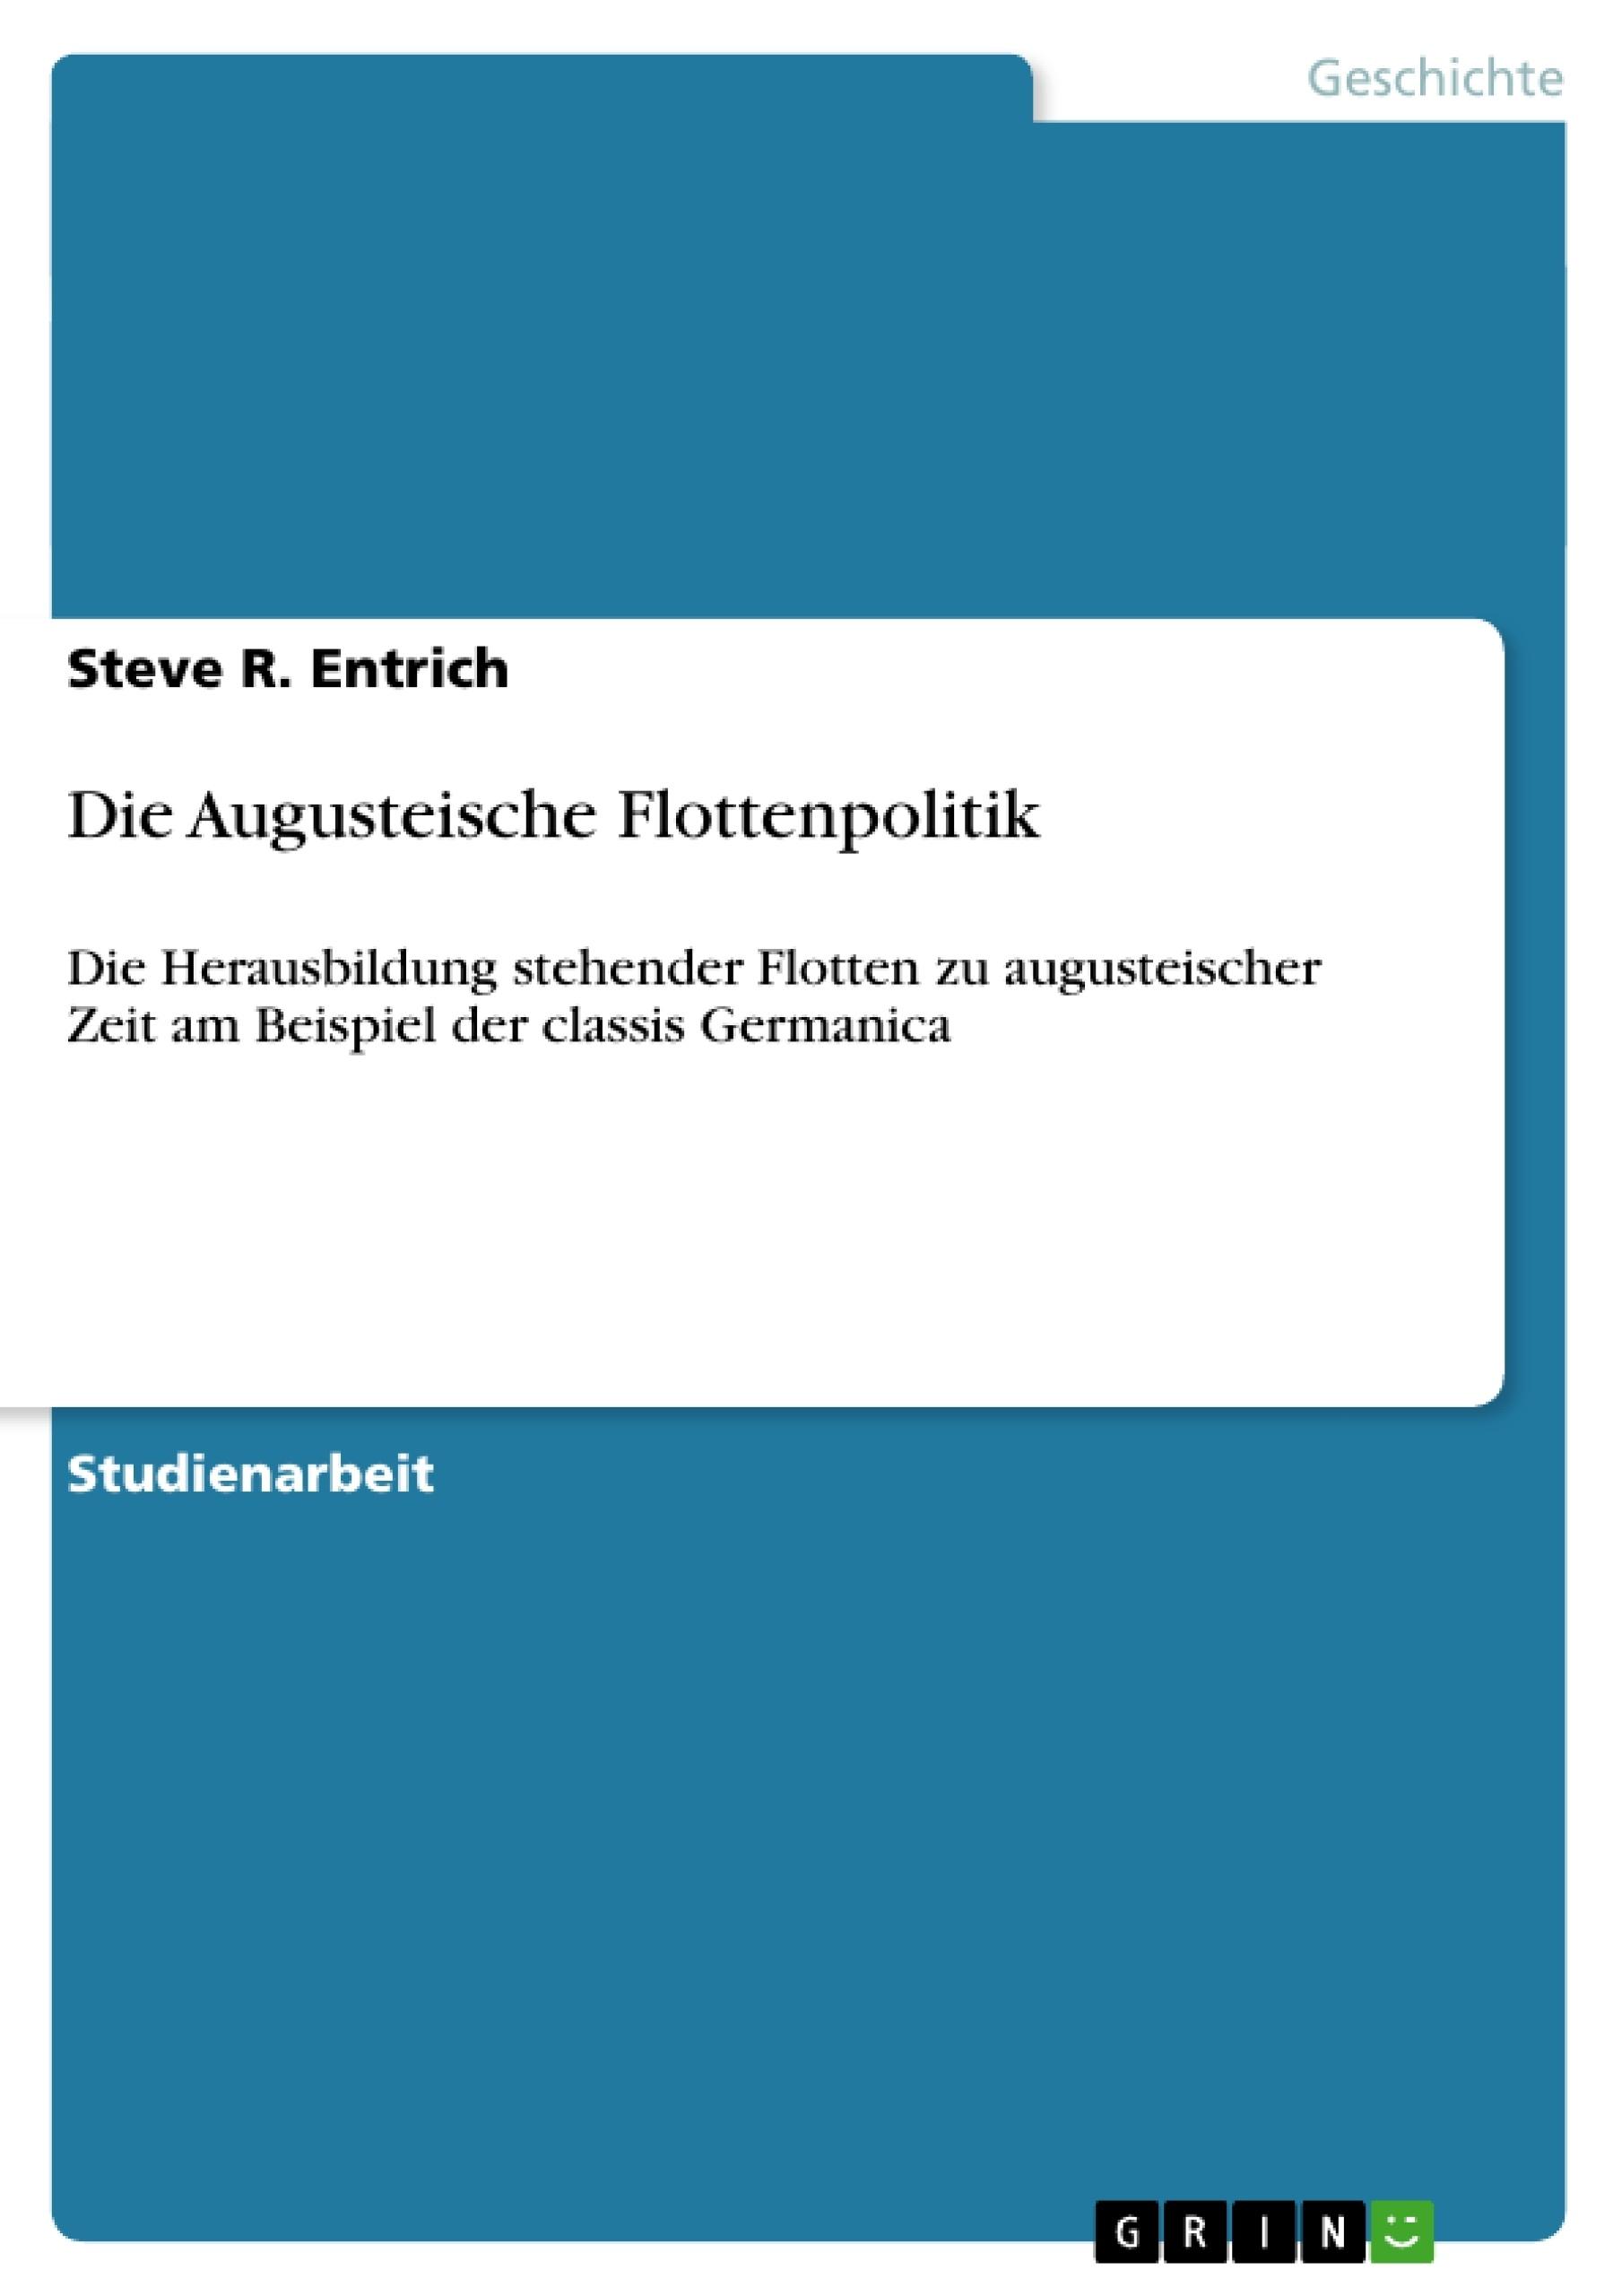 Titel: Die Augusteische Flottenpolitik